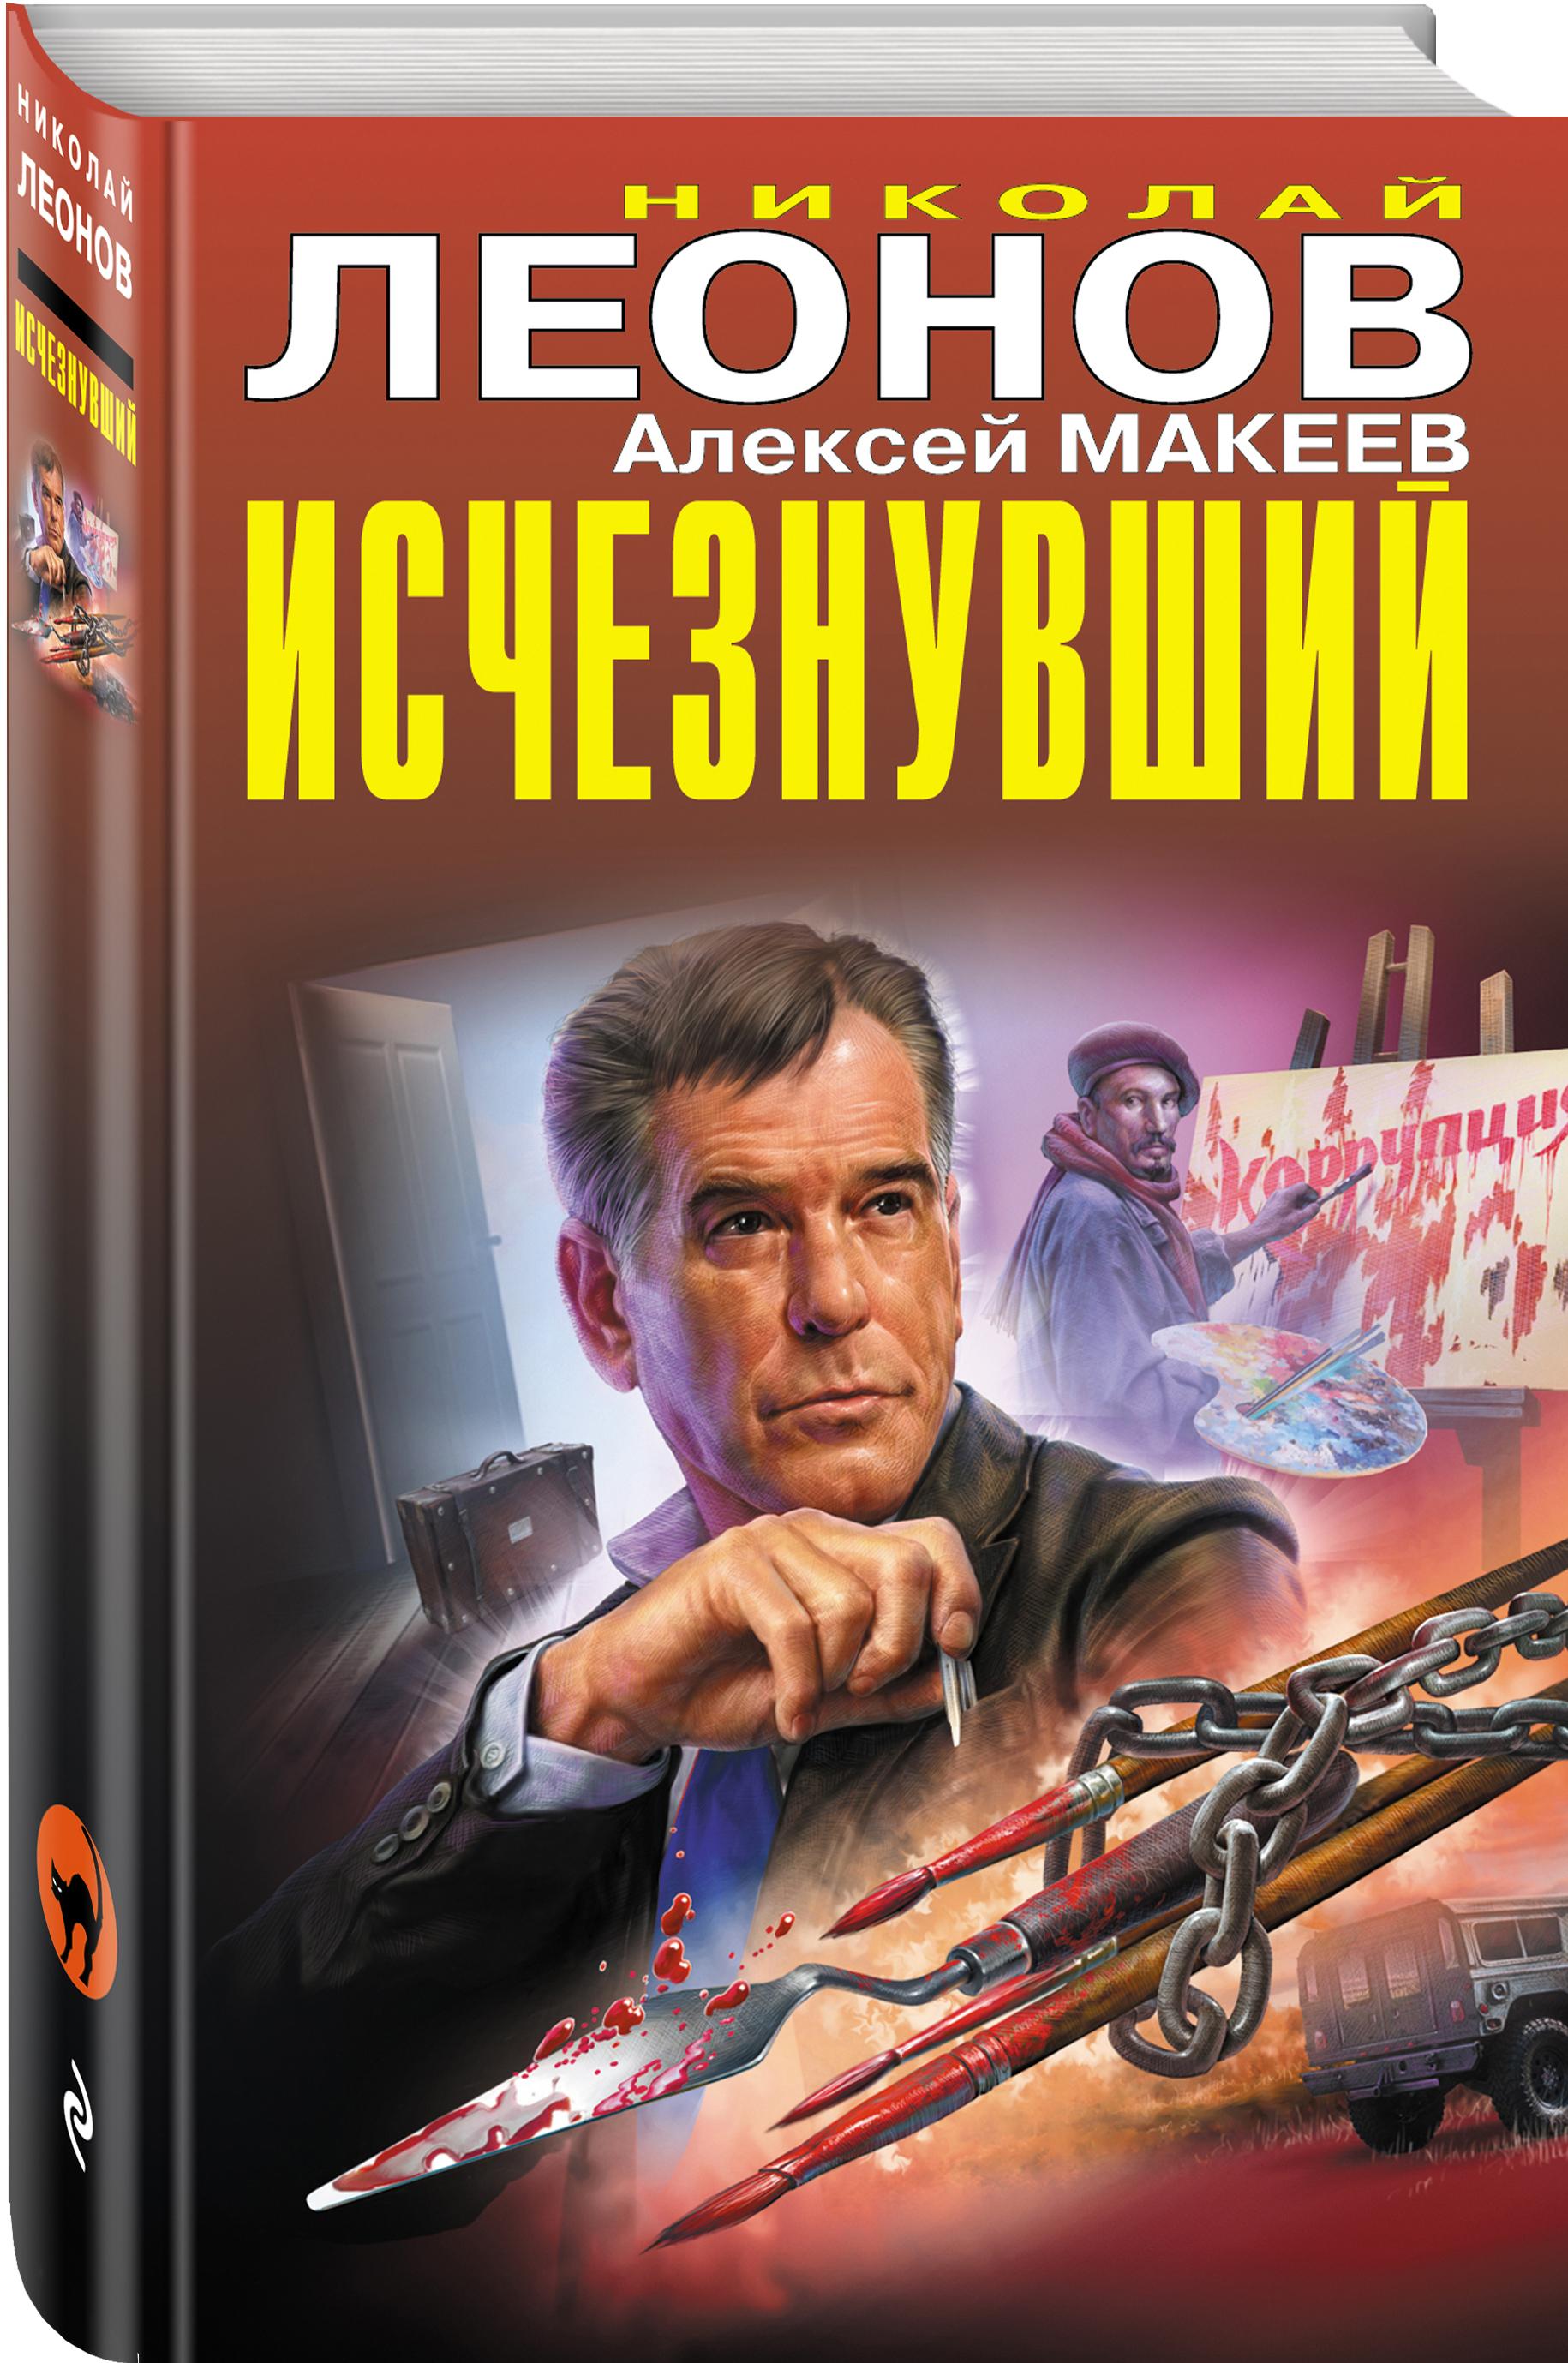 Николай Леонов, Алексей Макеев Исчезнувший